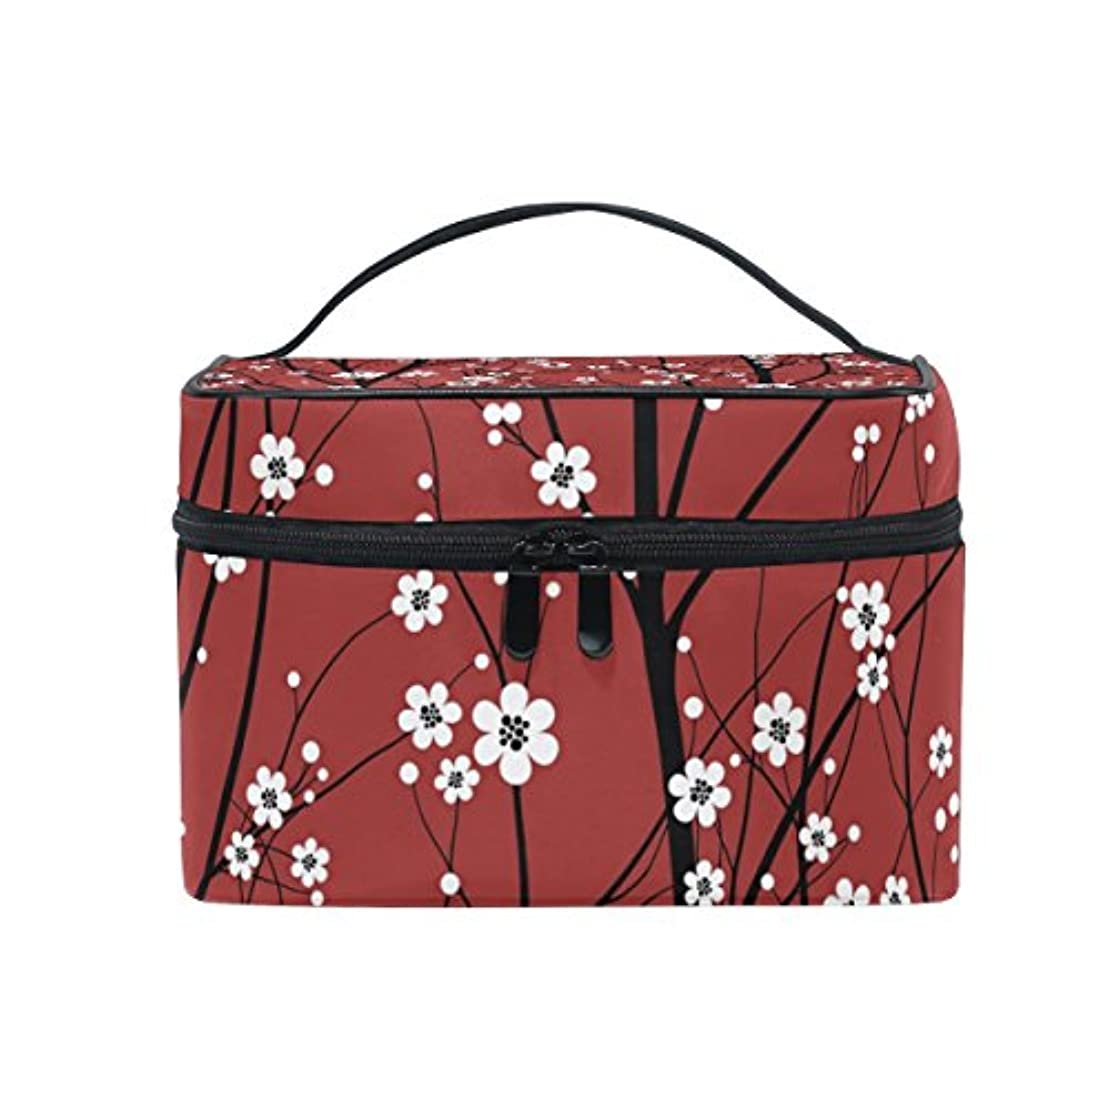 メモおしゃれな設置バララ (La Rose) 化粧ポーチ コスメポーチ 大容量 おしゃれ 機能的 かわいい 樱花柄 和風 メイクポーチ 化粧箱 軽量 小物入れ 収納バッグ 女性 雑貨 プレゼント